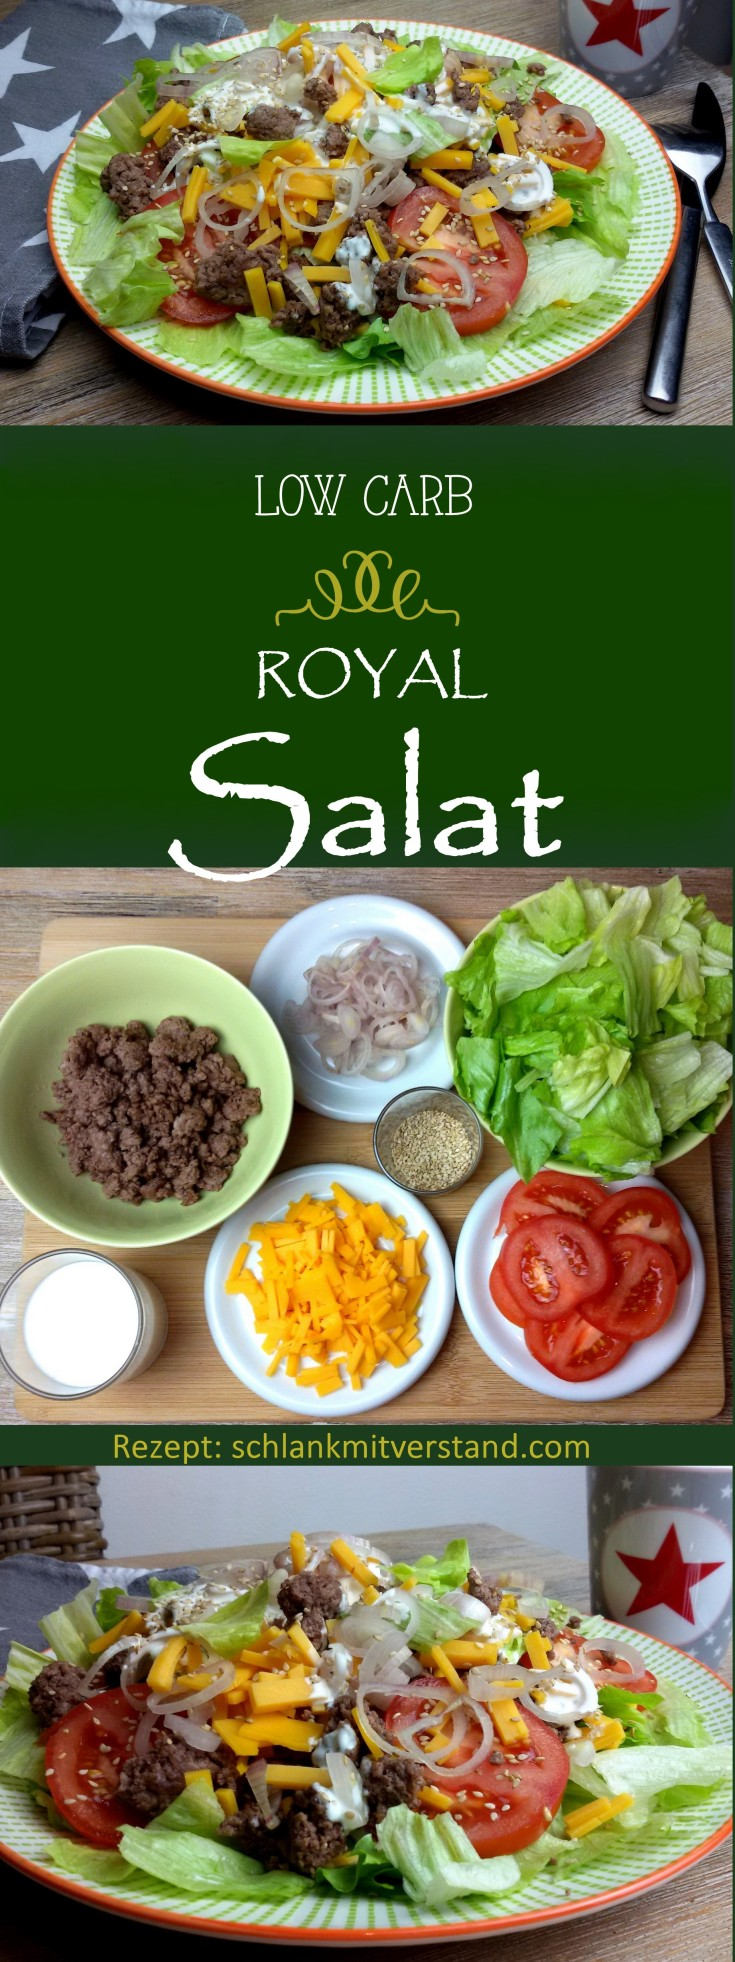 low carb Royal Salat